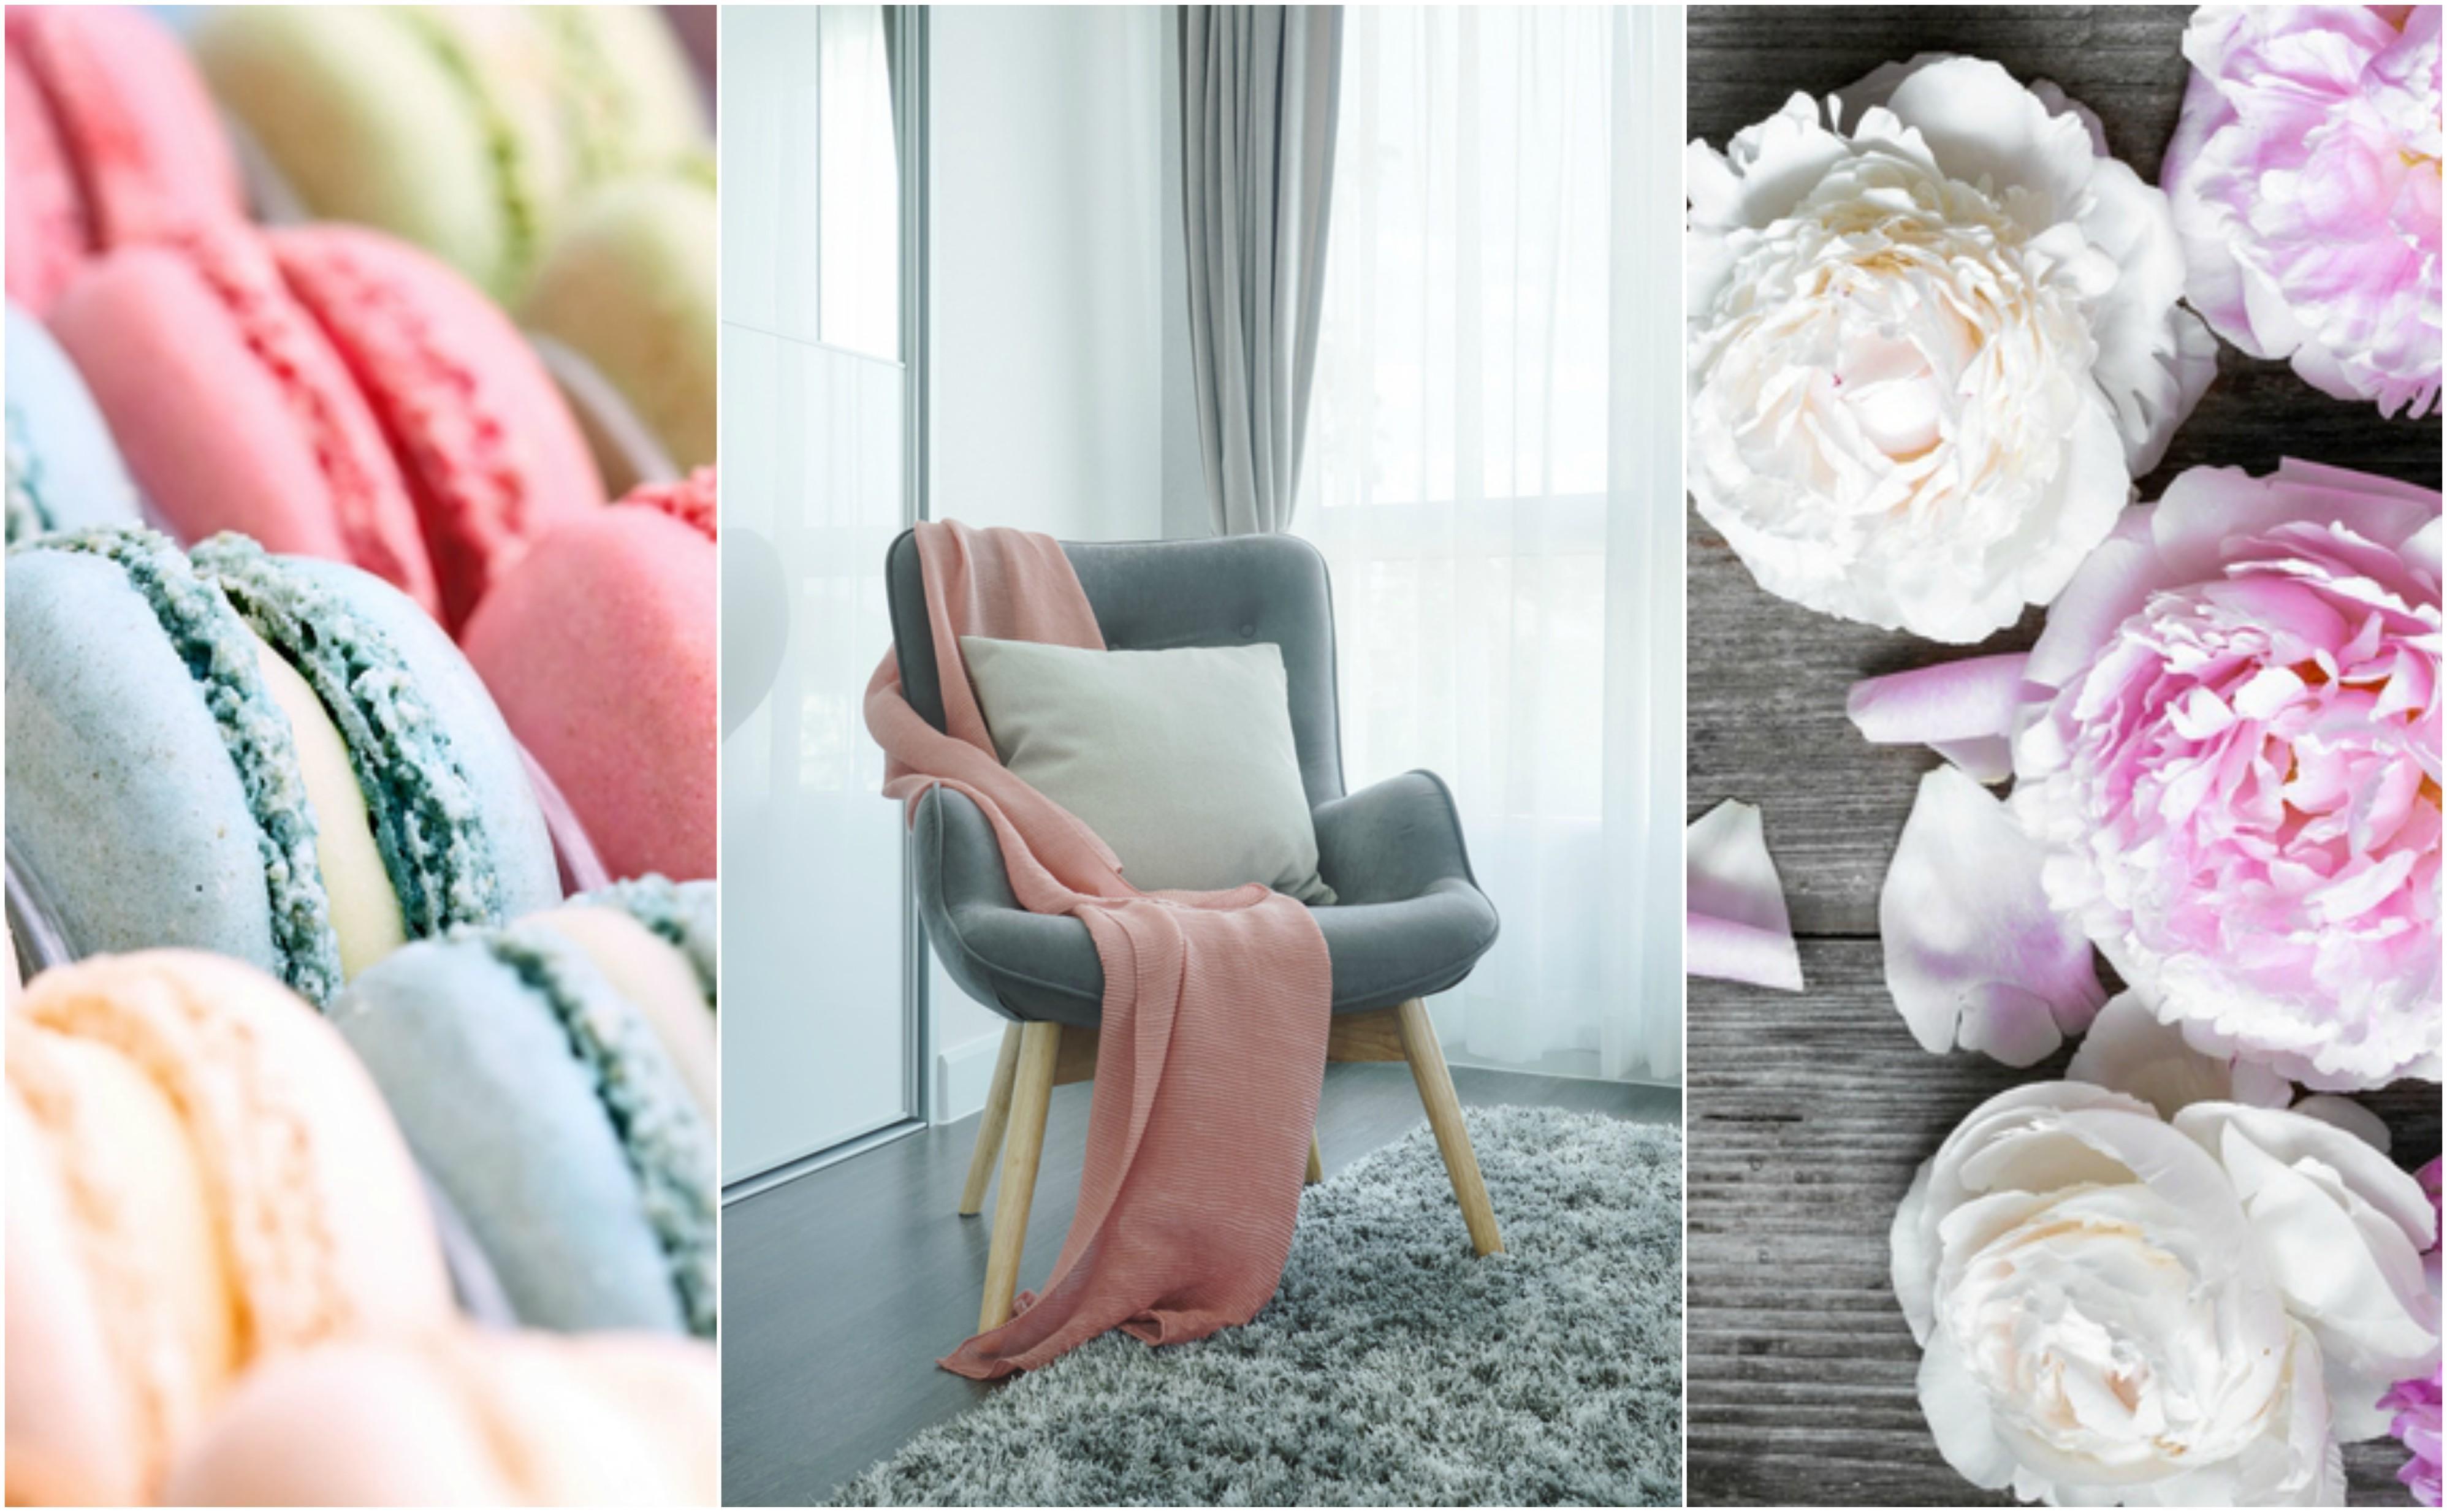 Colori pastello per la camera da letto romantica e moderna - Tgcom24